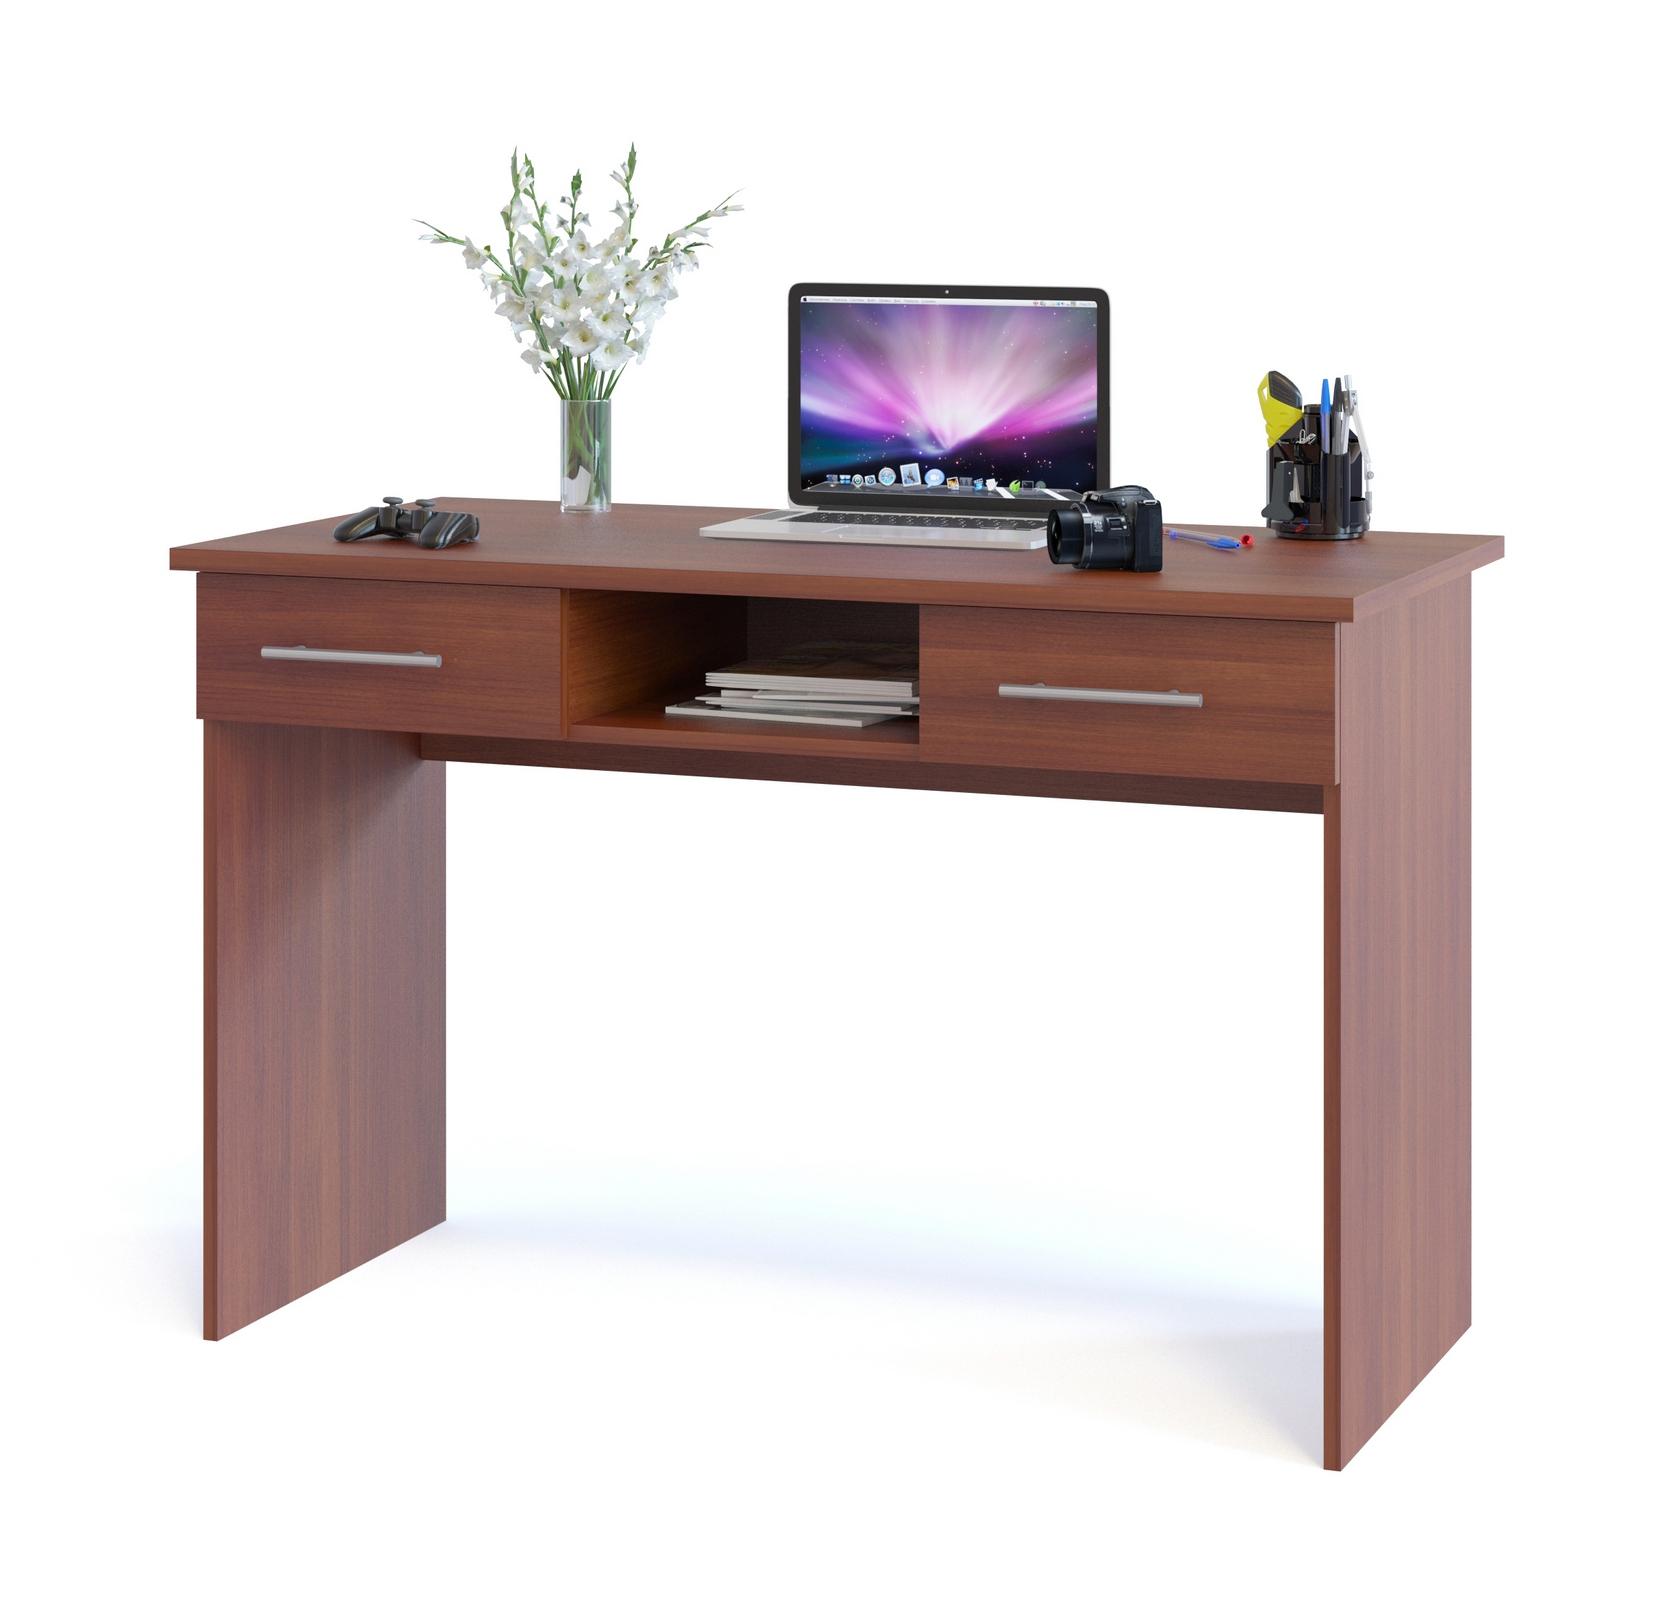 Письменный стол Сокол КСТ-107.1 Испанский орехПисьменные столы<br>Габаритные размеры ВхШхГ 790x1200x600 мм. Удобный письменный стол может использоваться как для работы, так и для учебы.  На нем можно разместить как компьютер, так и ноутбук.  Стол оснащен двумя выдвижными ящиками и нишей.  Это поможет вам максимально комфортно организовать рабочее место.  На столешнице предусмотрено два отверстия для вывода проводов.  При желании их можно закрыть заглушками, которые входят в комплект. Внутренний размер ящиков составляет 390 х 322 мм, что позволит разместить в них документы формата А4 и канцелярские принадлежности. Глубина ниши — 486 мм.  Столешница изготовлена из высококачественного ДСП отечественного производства толщиной 22 мм, края обработаны кромкой ПВХ 2 мм, остальные детали — ЛДСП 16 мм, кромка 0,4 мм.  Изделие хорошо упаковано вгофротару вместе с необходимой фурнитурой для сборки и подробной инструкцией. Рекомендуем сохранить инструкцию по сборке (паспорт изделия) до истечения гарантийного срока.<br><br>Цвет: Испанский орех<br>Цвет: Красное дерево<br>Высота мм: 790<br>Ширина мм: 1200<br>Глубина мм: 600<br>Кол-во упаковок: 1<br>Форма поставки: В разобранном виде<br>Срок гарантии: 2 года<br>Тип: Прямые<br>Материал: Деревянные, из ЛДСП<br>Размер: Маленькие, Шириной 120 см<br>Особенности: С ящиками, Без надстройки<br>Стиль: Современный, Модерн